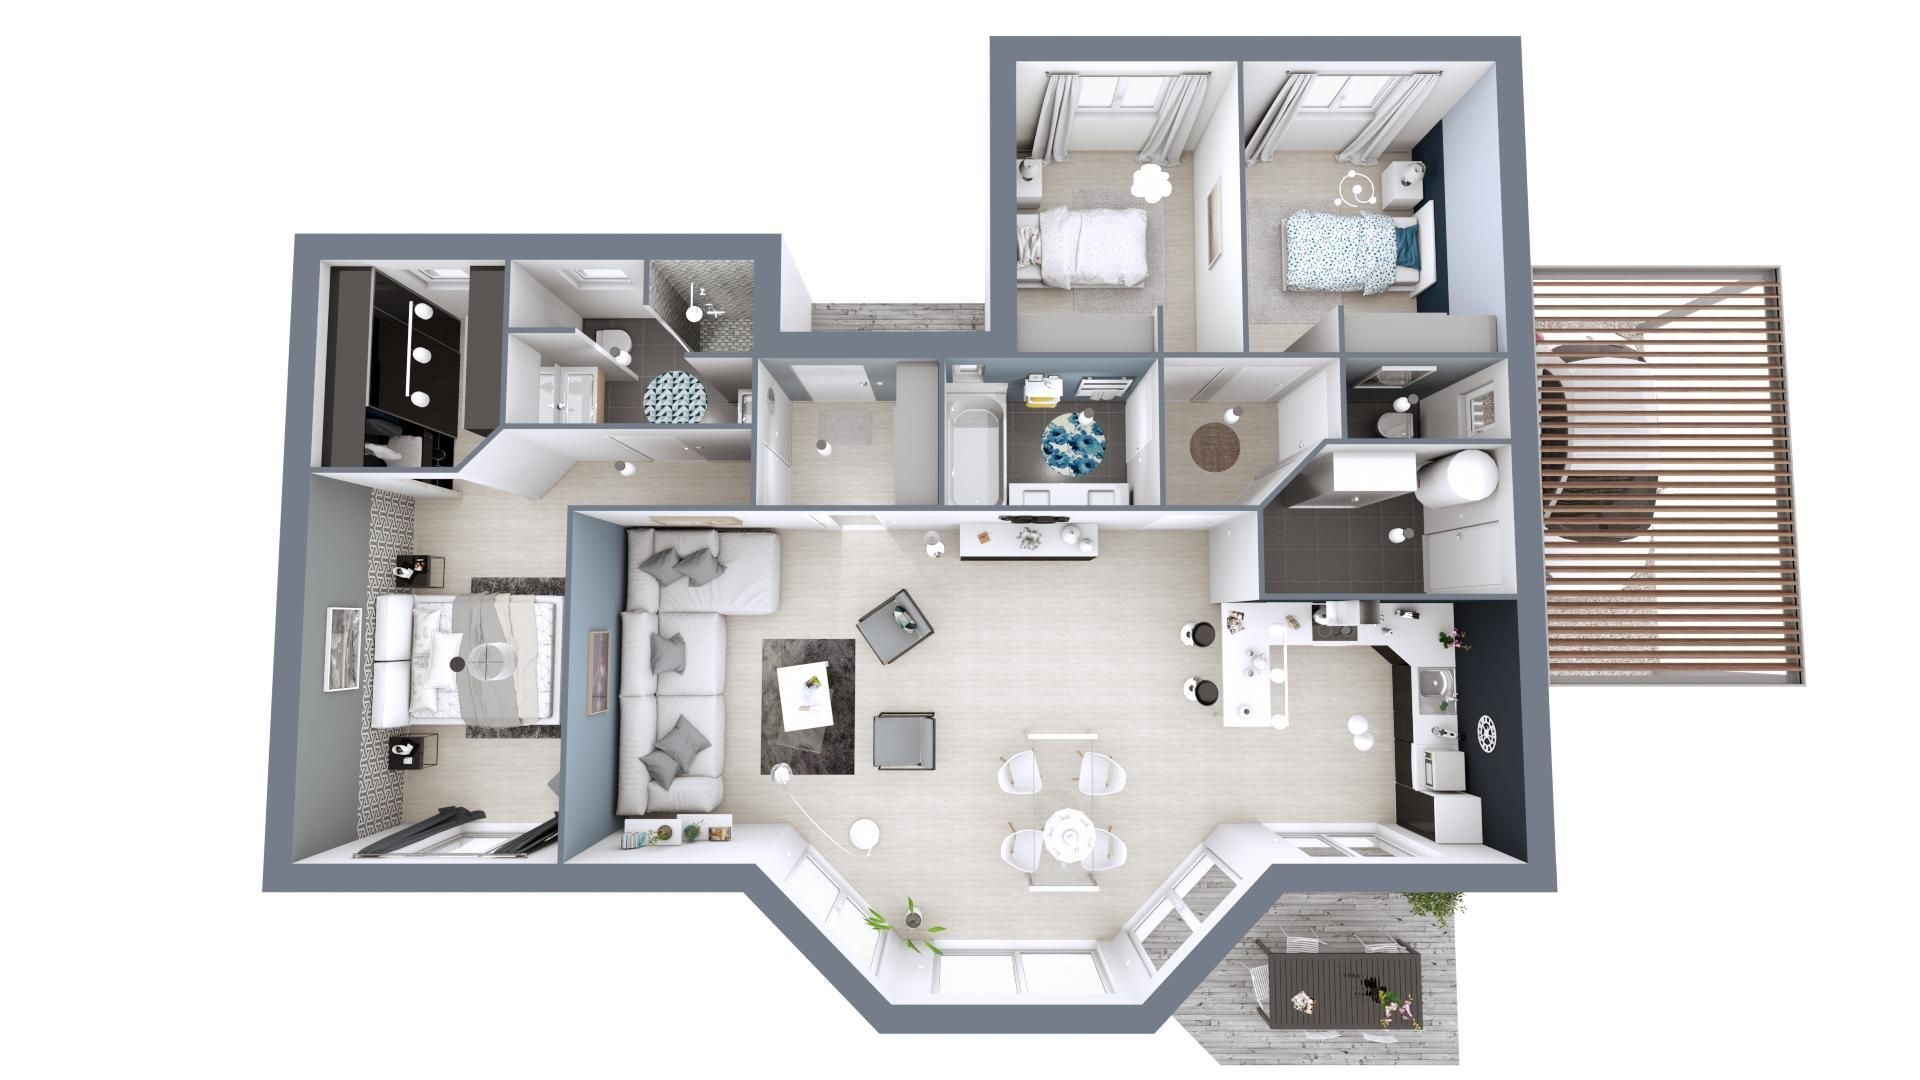 Plan 3d Maison Contemporaine Modele Lumiere Maisons Mca Maison Mca Plan Maison 100m2 Maison